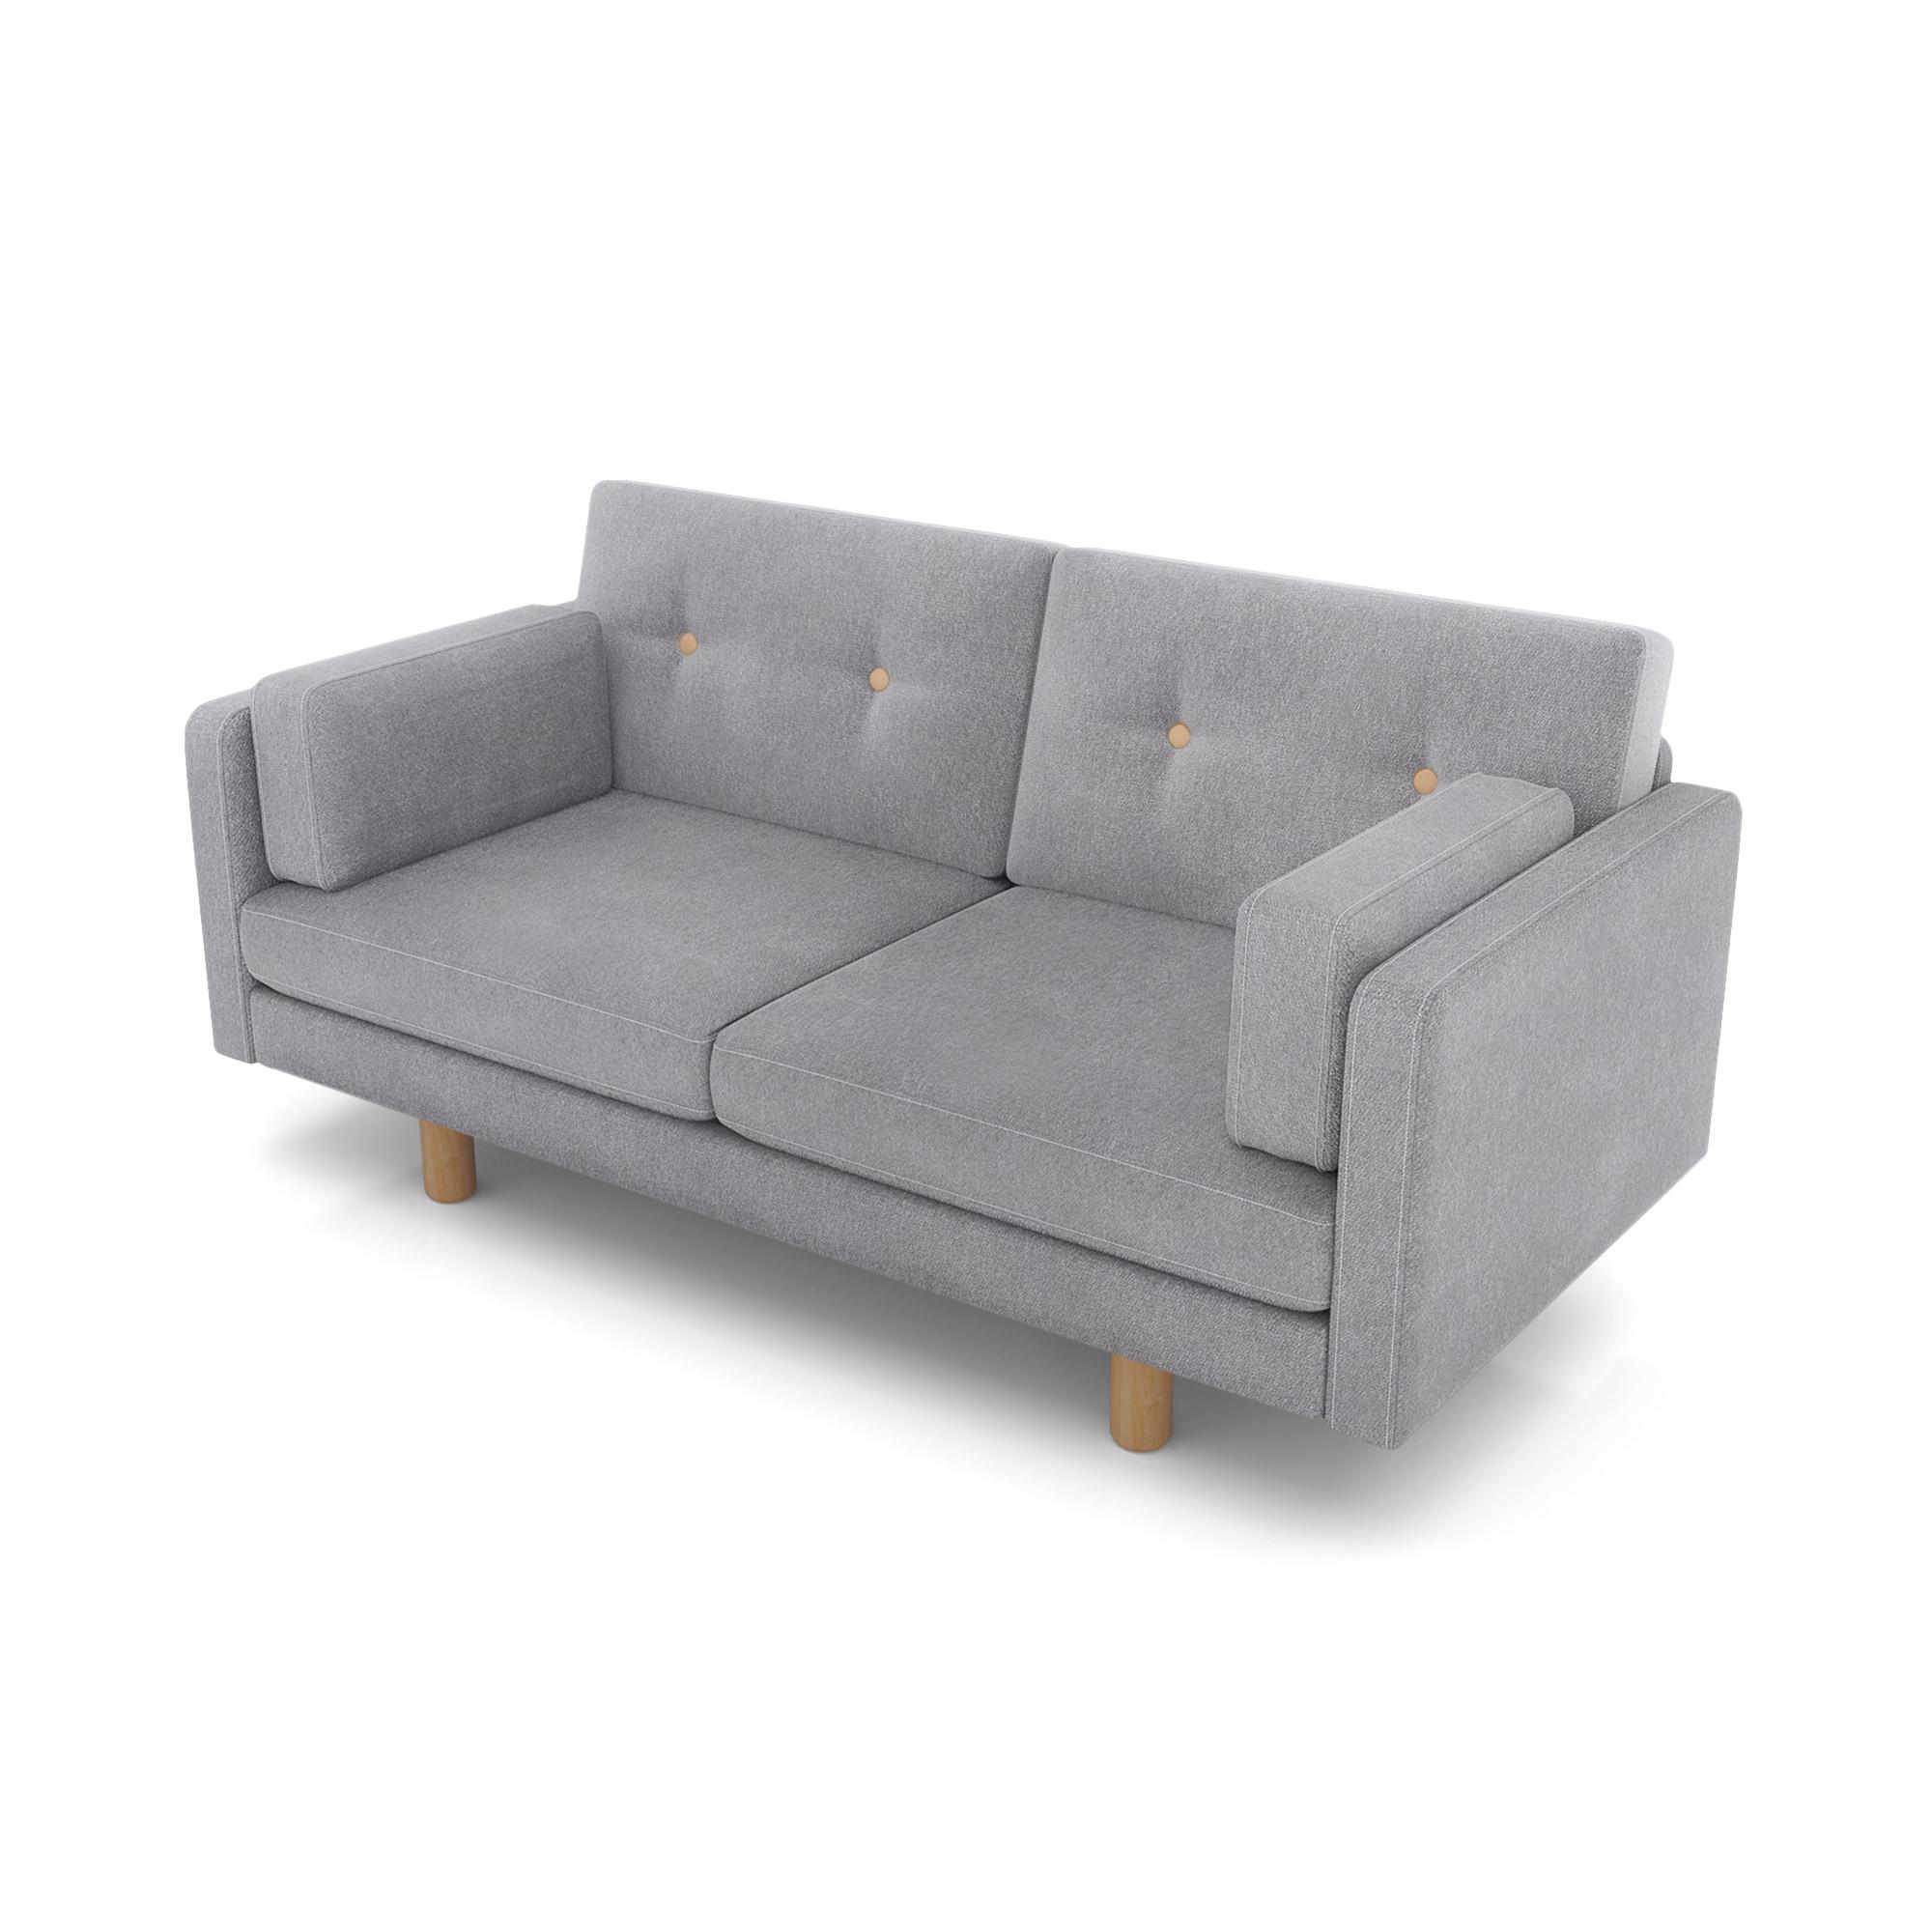 Фото - Диван AS Изабелла м 167x80x83 грей диван as изабелла м 167x80x83 синий